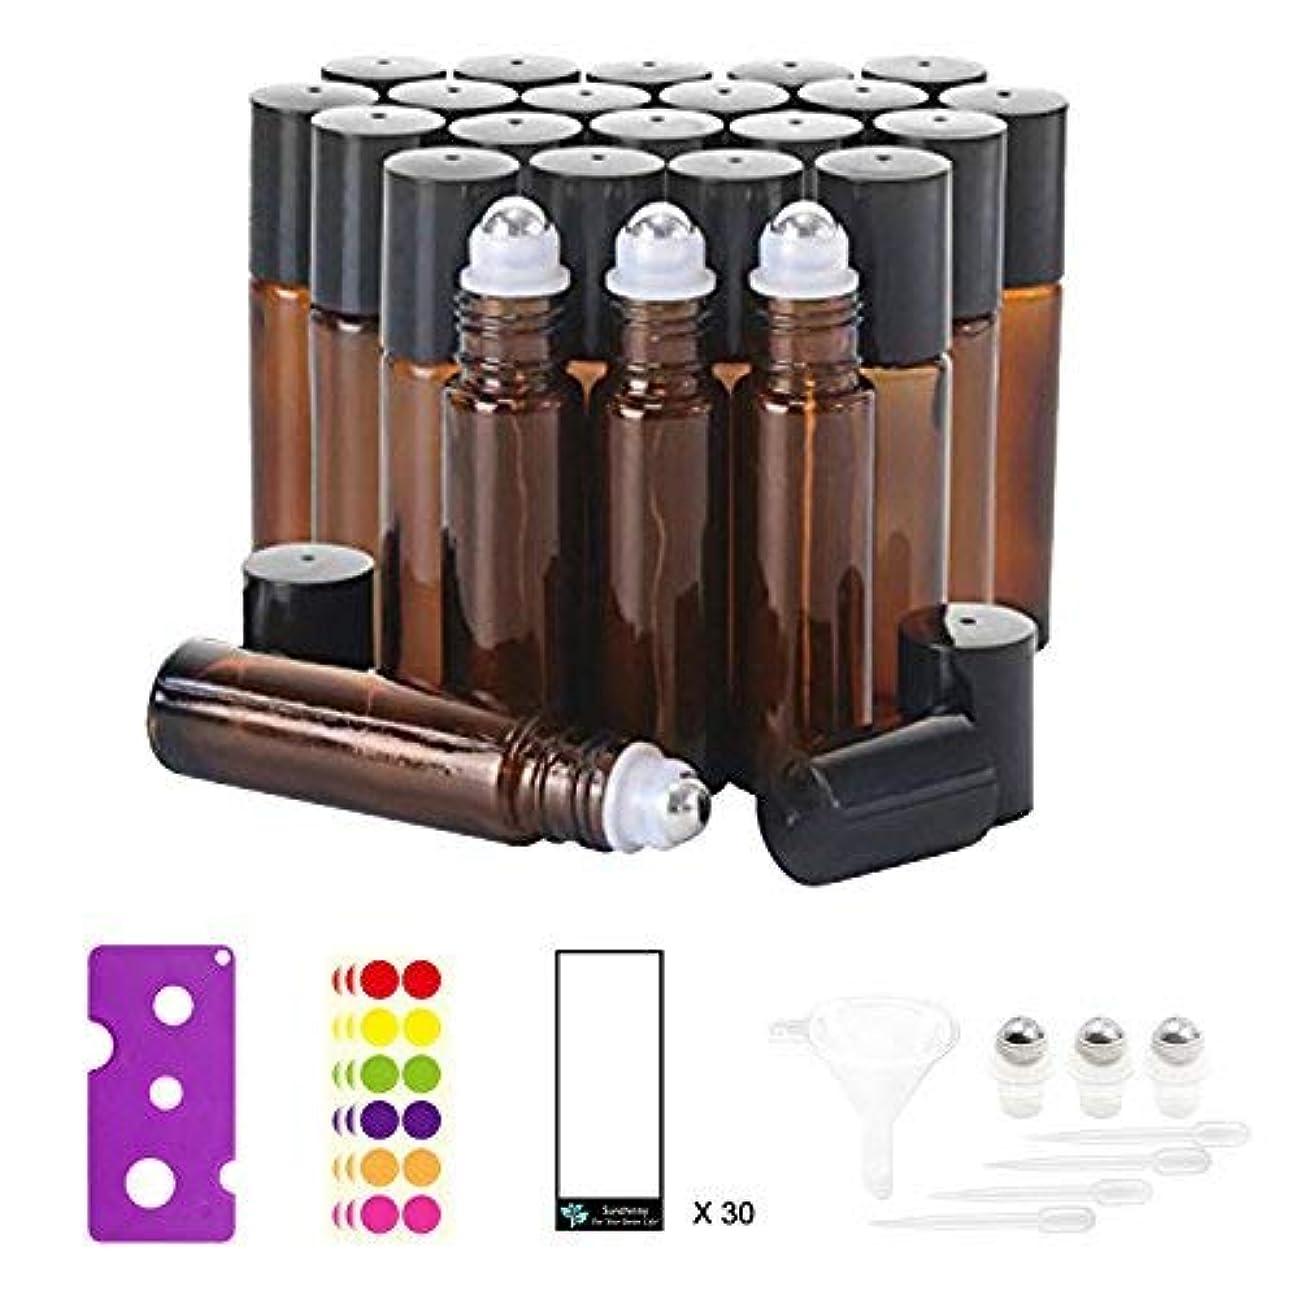 弱めるトリップ八24, 10 ml Glass Roller Bottles for Essential Oils - Amber, with Stainless Steel Roller Balls (3 Extra Roller Balls...